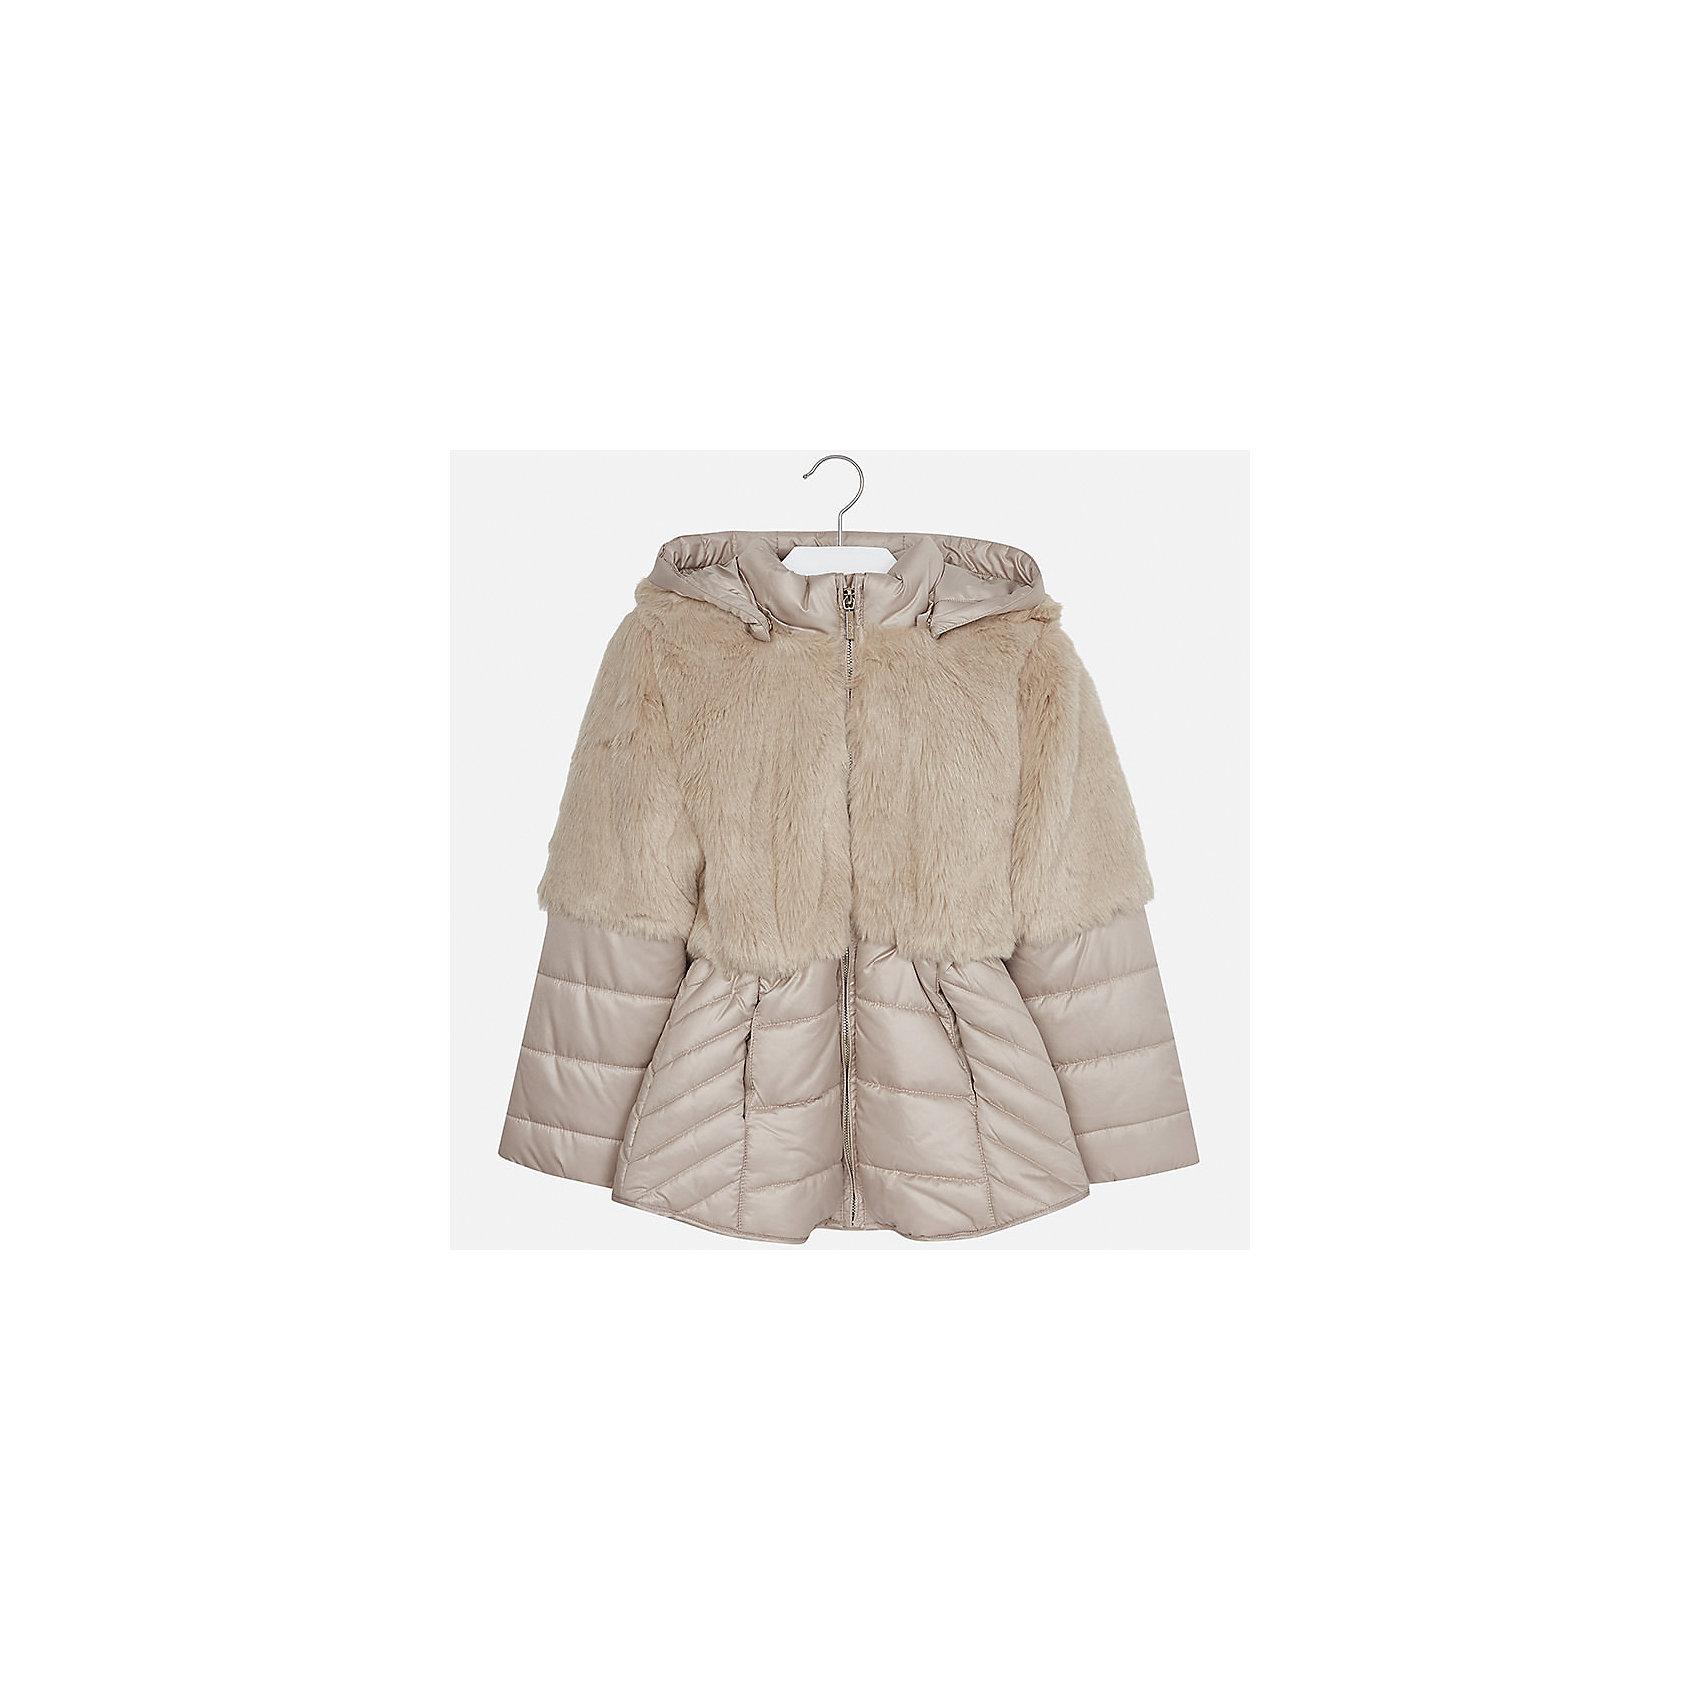 Куртка Mayoral для девочкиДемисезонные куртки<br>Характеристики товара:<br><br>• цвет: коричневый<br>• состав ткани: 58% полиэстер, 42% акрил, подклад - 65% полиэстер, 35% хлопок, утеплитель - 100% полиэстер<br>• застежка: молния<br>• длинные рукава<br>• сезон: демисезон<br>• температурный режим: от 0 до -10<br>• страна бренда: Испания<br>• страна изготовитель: Индия<br><br>Коричневая стильная куртка с отделкой из искусственного меха для девочки от Майорал поможет обеспечить тепло и комфорт. Эффектная детская куртка отличается удлиненным силуэтом и наличием капюшона. <br><br>Детская одежда от испанской компании Mayoral отличаются оригинальным и всегда стильным дизайном. Качество продукции неизменно очень высокое.<br><br>Куртку для девочки Mayoral (Майорал) можно купить в нашем интернет-магазине.<br><br>Ширина мм: 356<br>Глубина мм: 10<br>Высота мм: 245<br>Вес г: 519<br>Цвет: коричневый<br>Возраст от месяцев: 168<br>Возраст до месяцев: 180<br>Пол: Женский<br>Возраст: Детский<br>Размер: 170,128/134,140,152,158,164<br>SKU: 6922059